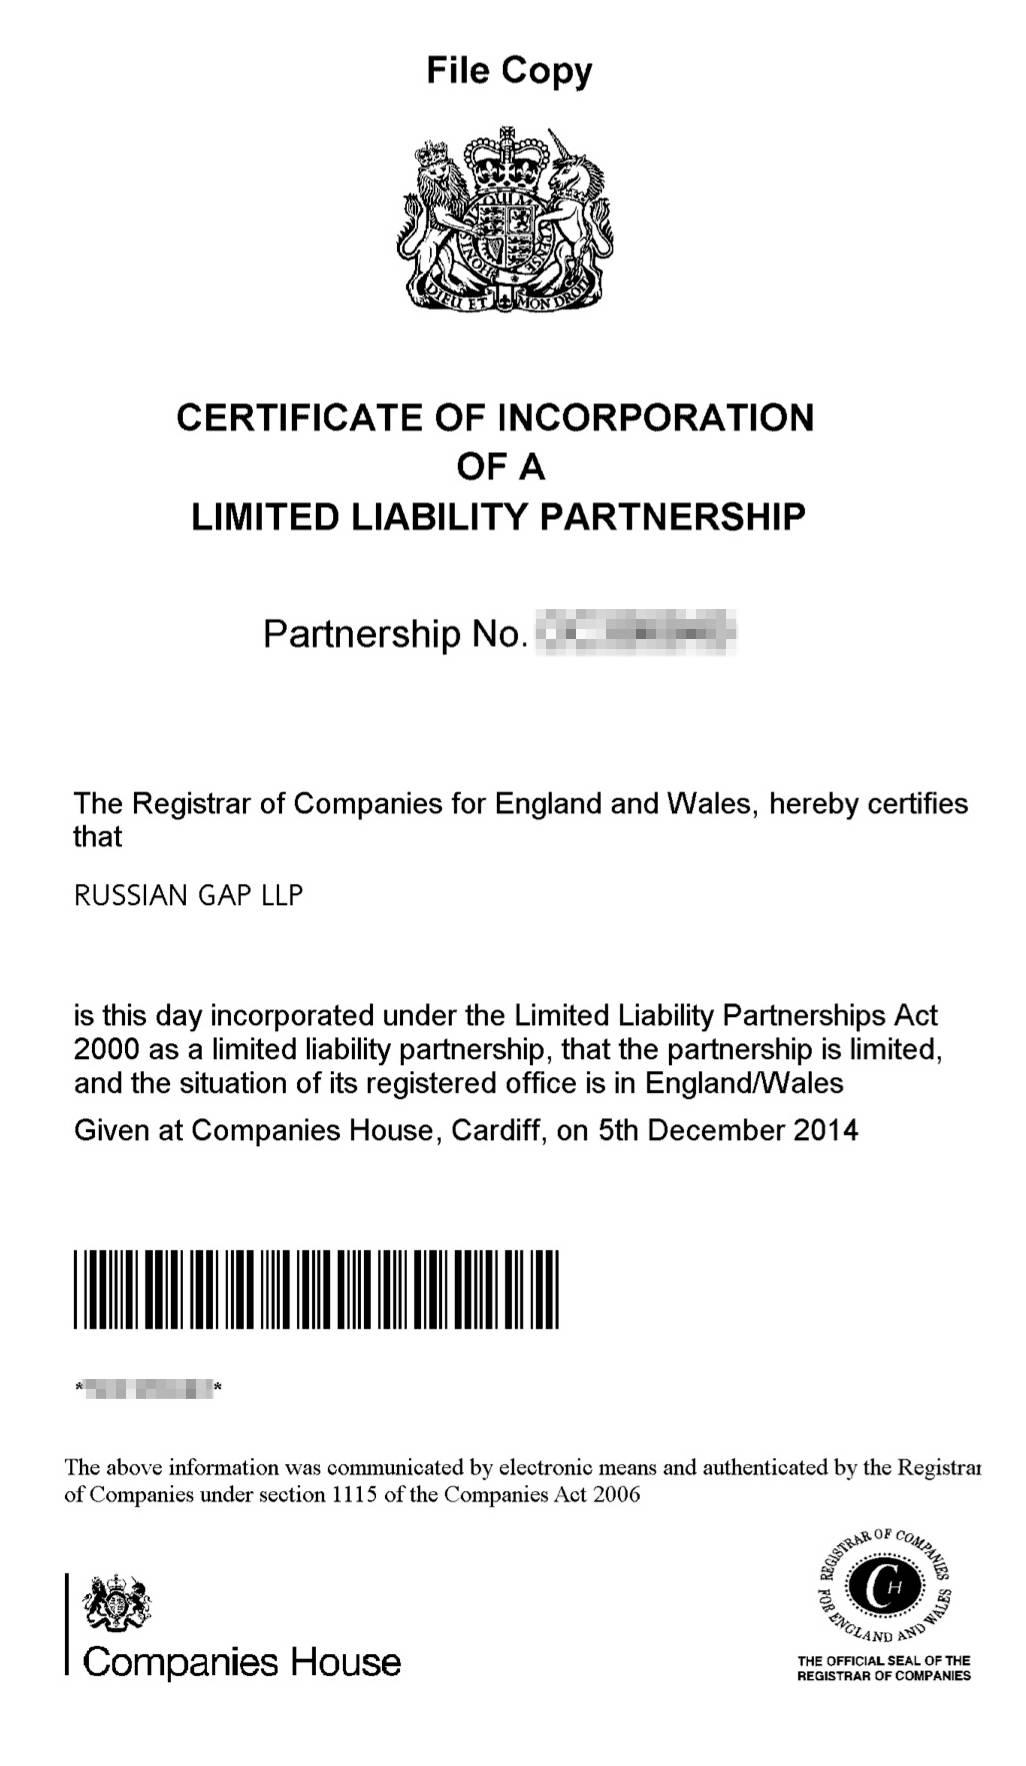 Мы зарегистрировали компанию как LLP — limited liability partnership. Совладельцами указали меня и мою партнершу. Этот тип компаний часто используется втрадиционных партнерствах, оказывающих, например, юридические и консультационные услуги. Его немного проще использовать, если вы ненанимаете сотрудников назарплату